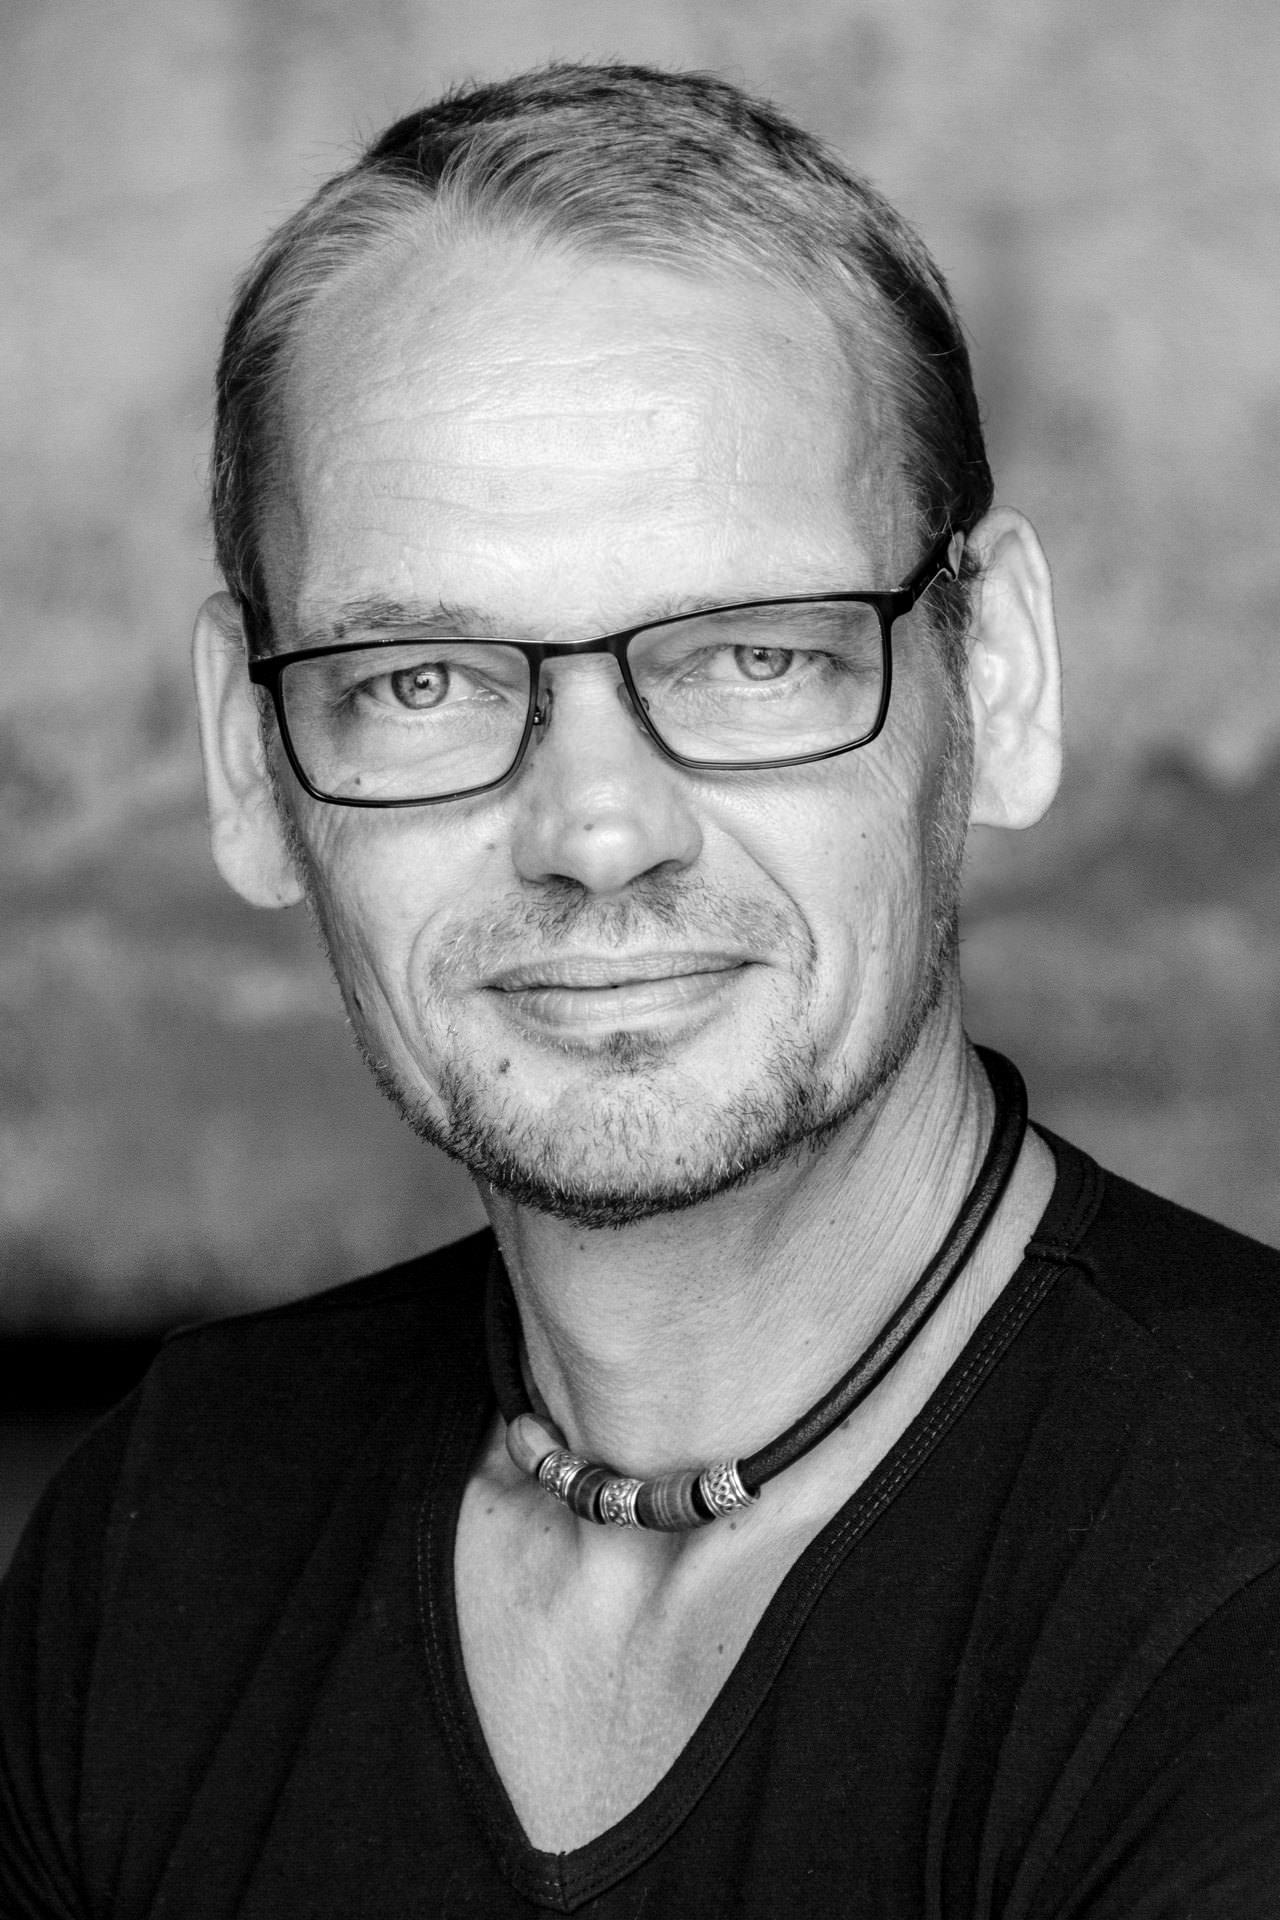 Wolfgang Komanns